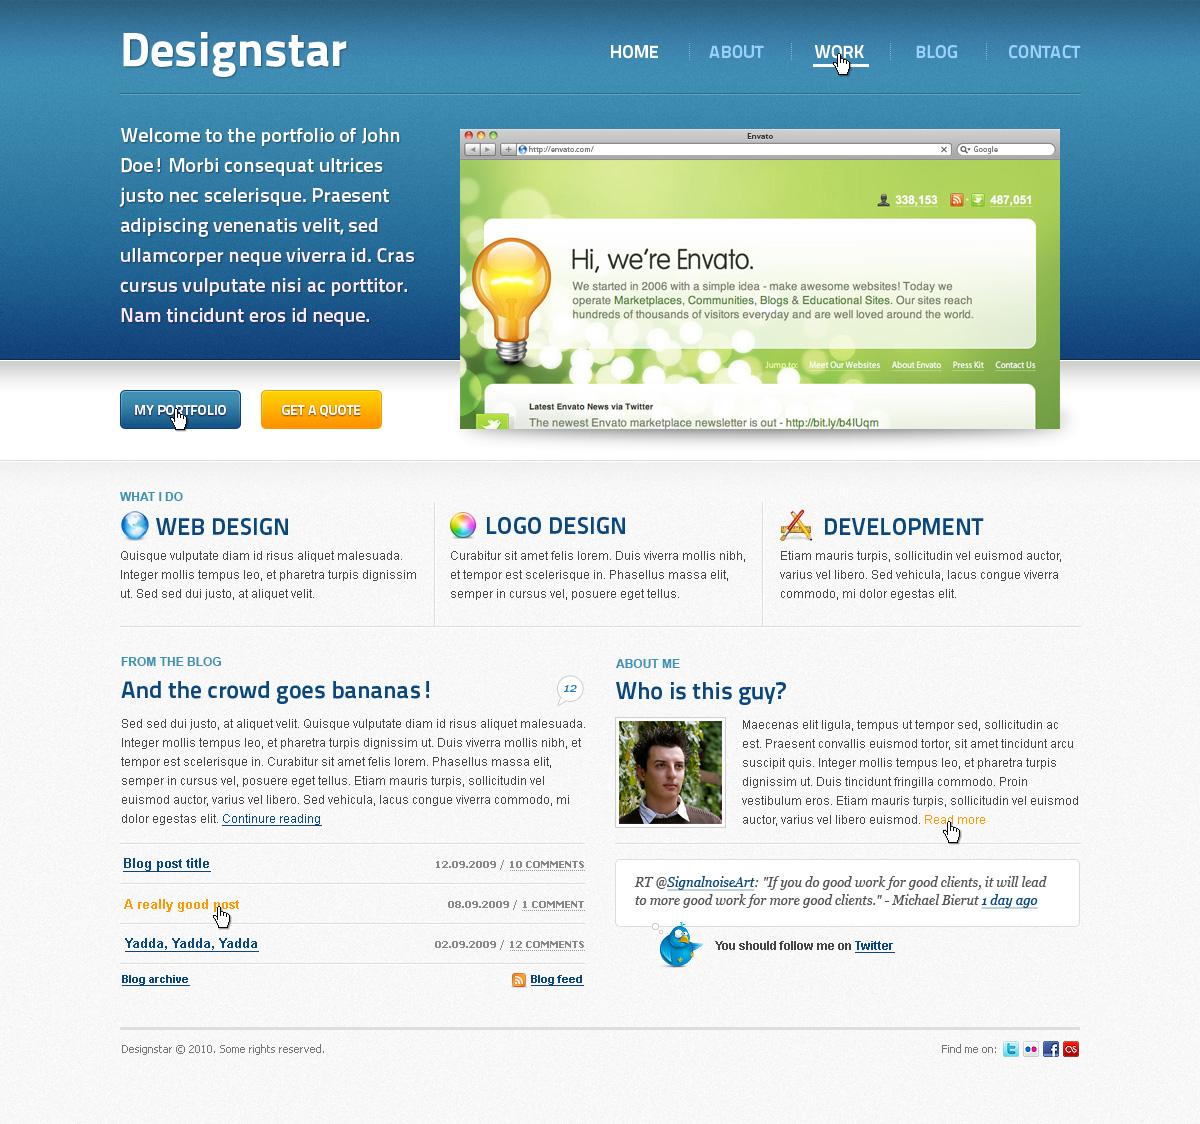 Designstar